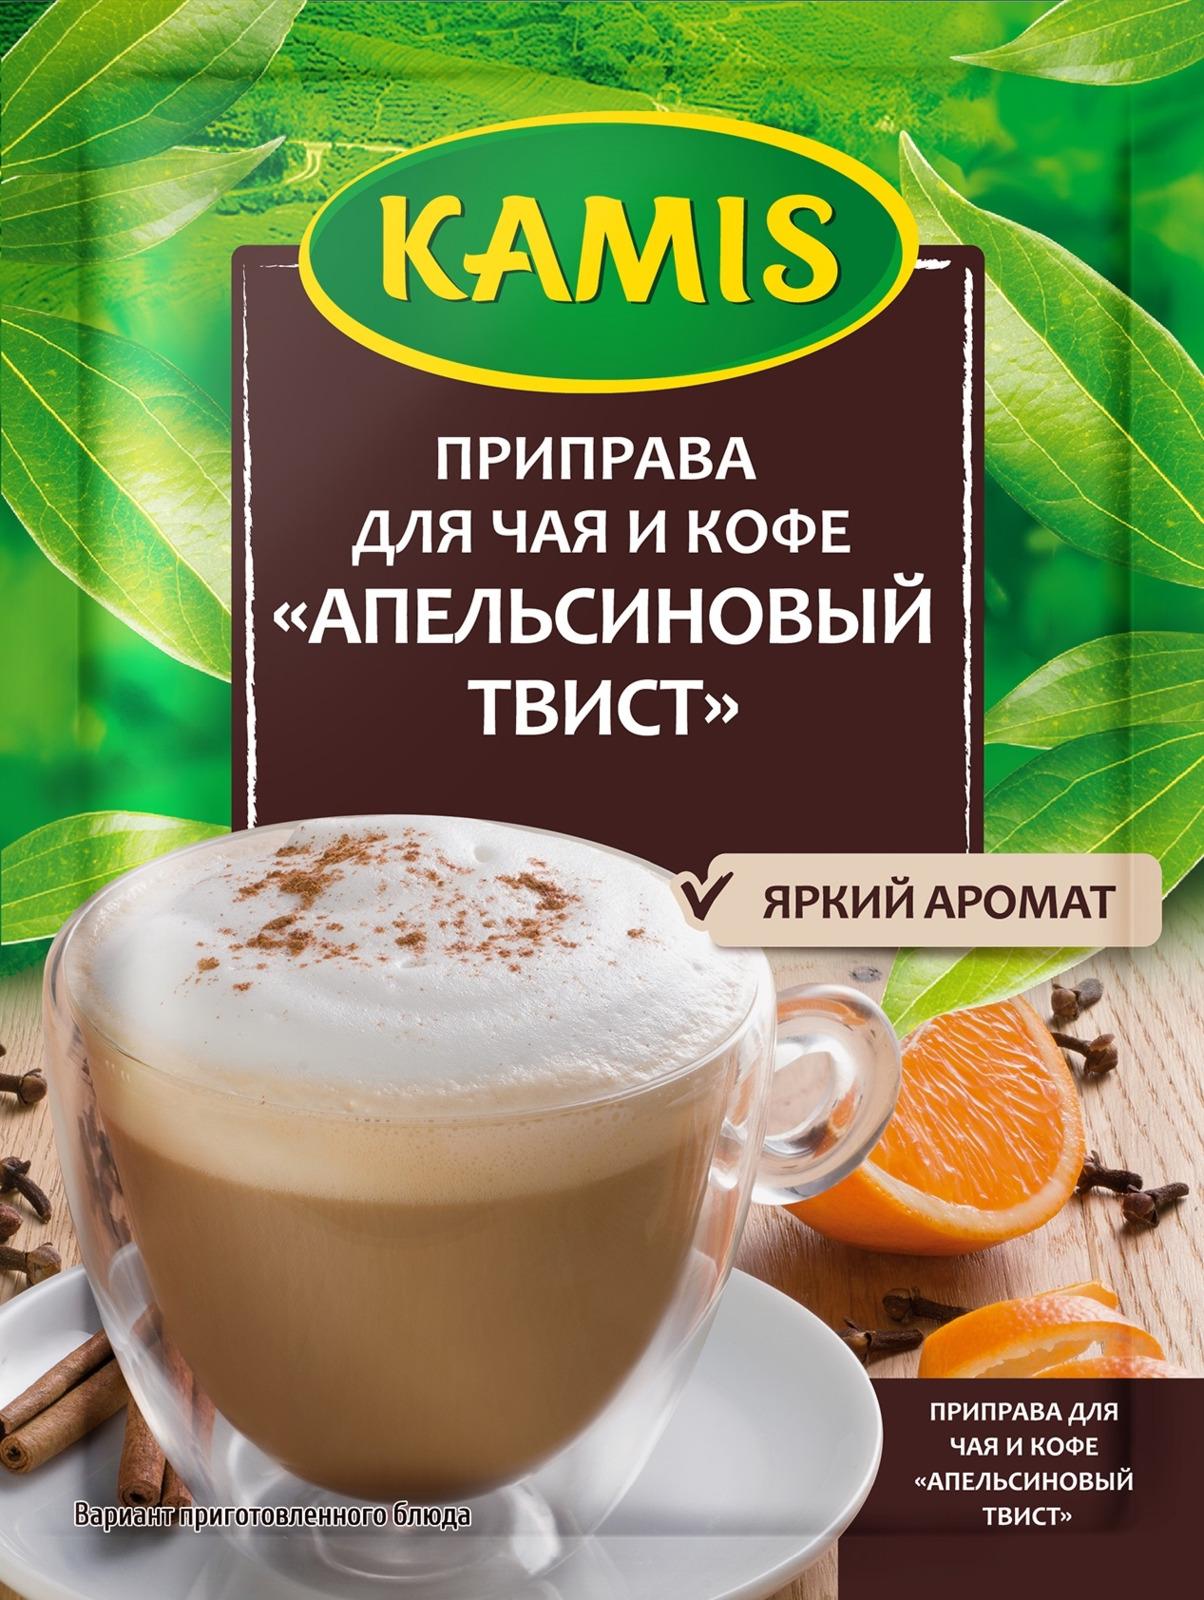 Приправа Kamis Апельсиновый твист, для чая и кофе, 20 г